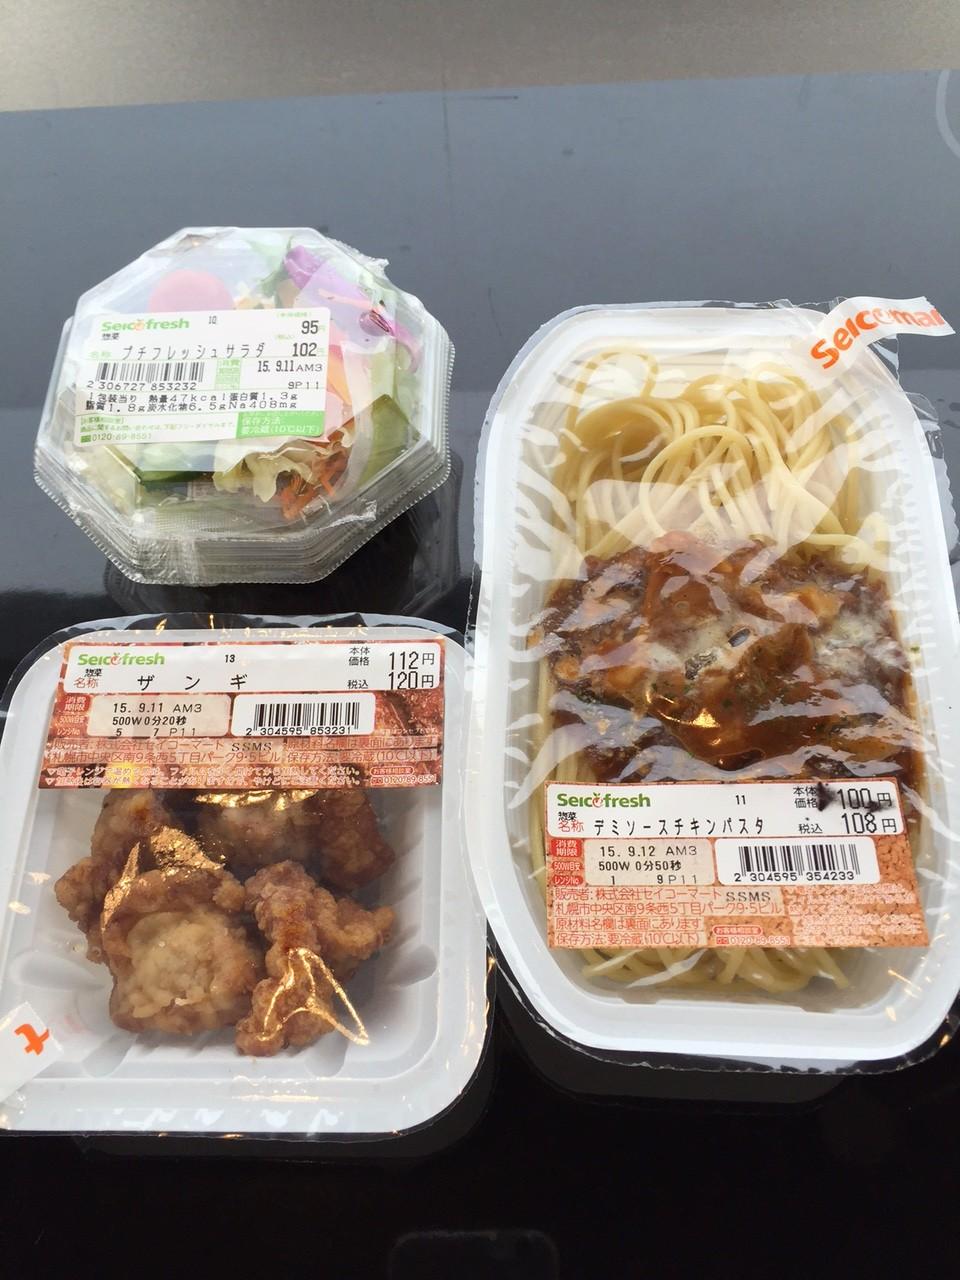 北海道のセイコーマート(Seicomart)の惣菜が凄かった!!